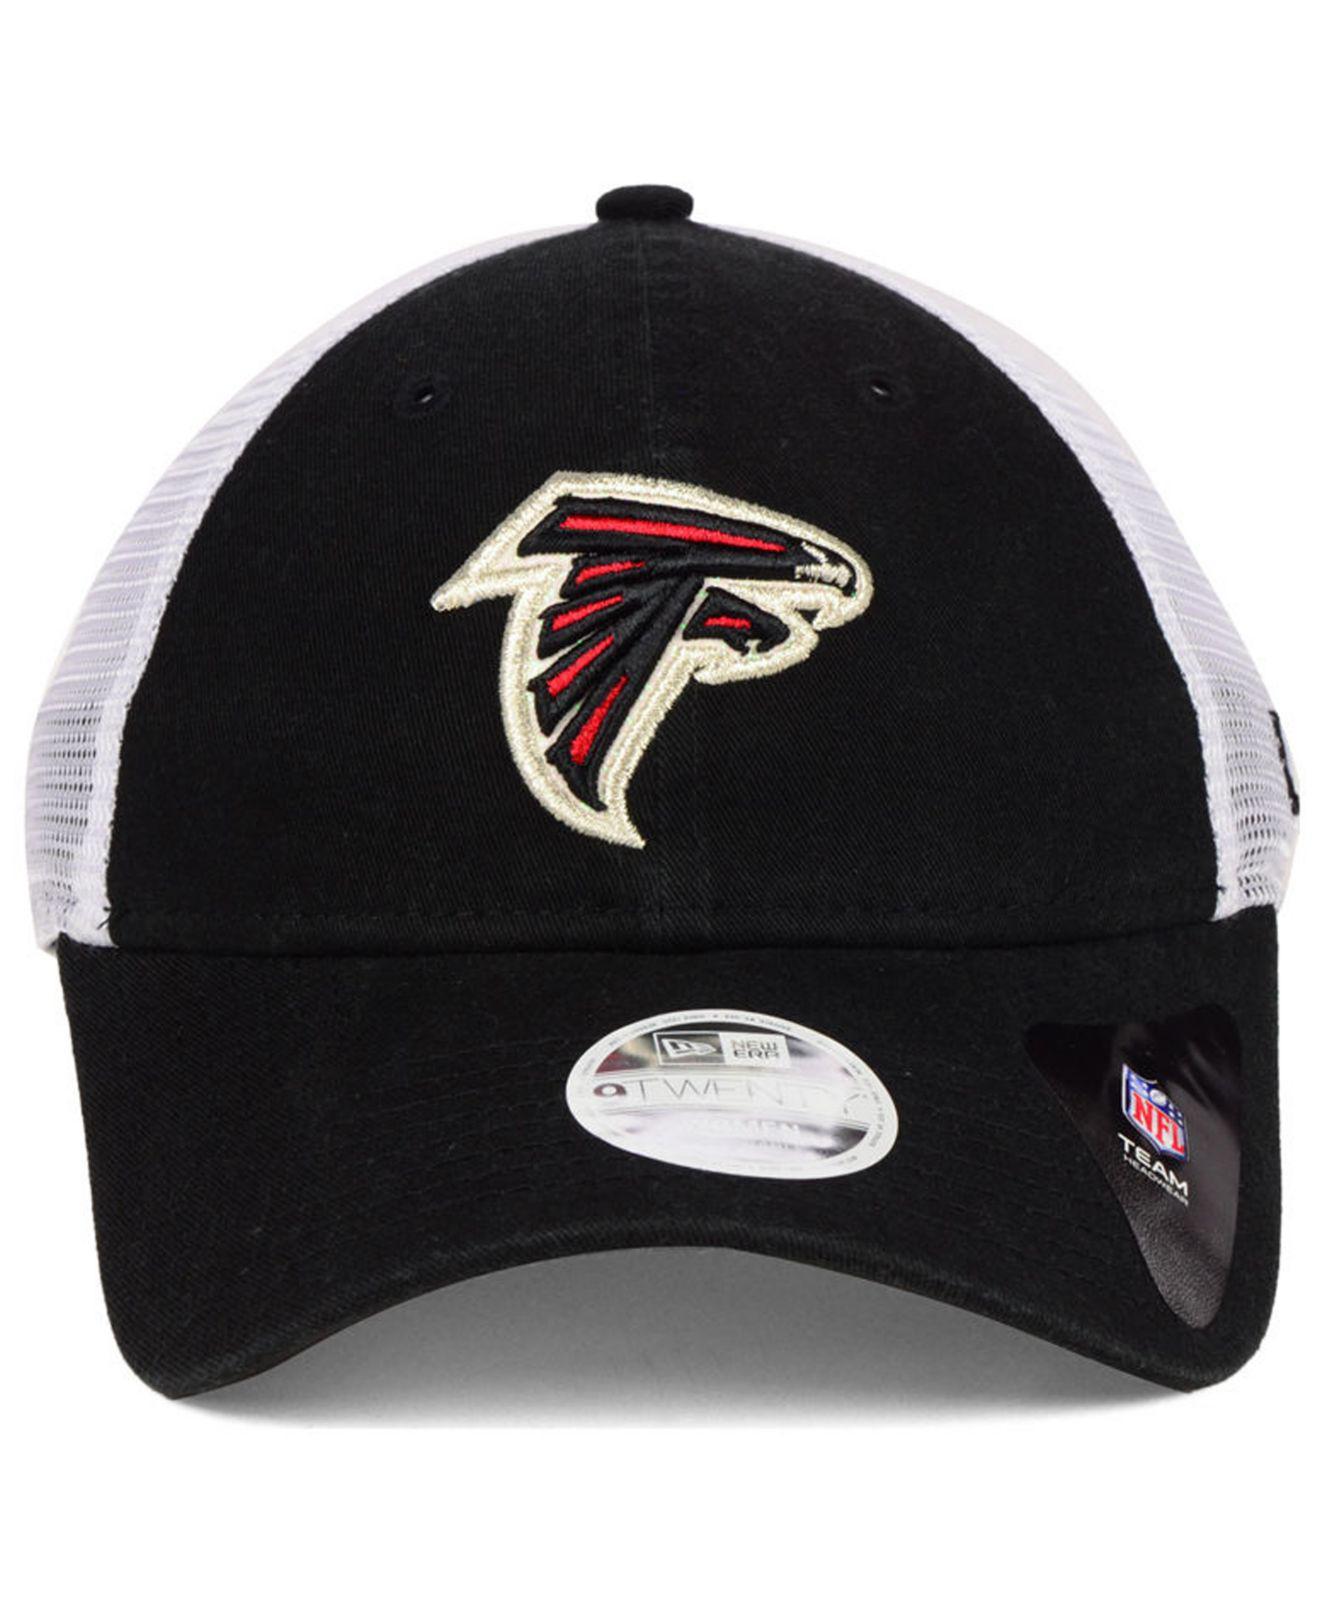 promo code 9e9c3 382b0 ... closeout lyst ktz atlanta falcons trucker shine 9twenty cap in black  ec677 41026